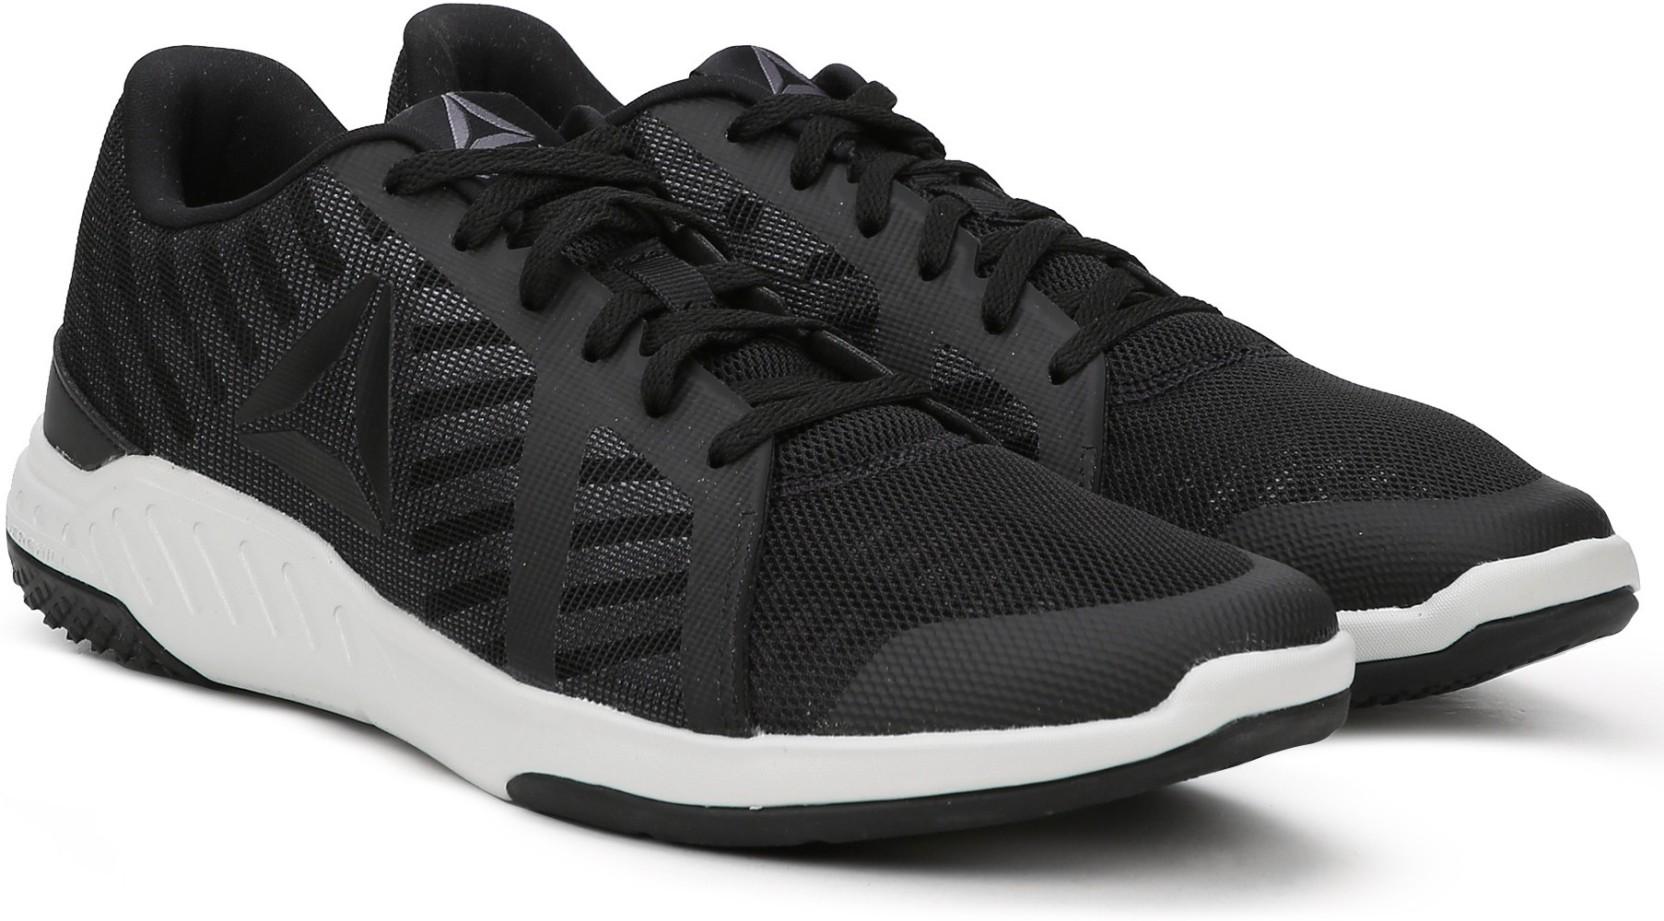 REEBOK EVERCHILL TR 2.0 Training Shoes For Men - Buy BLACK  ALLOY ... 5d4e1721c